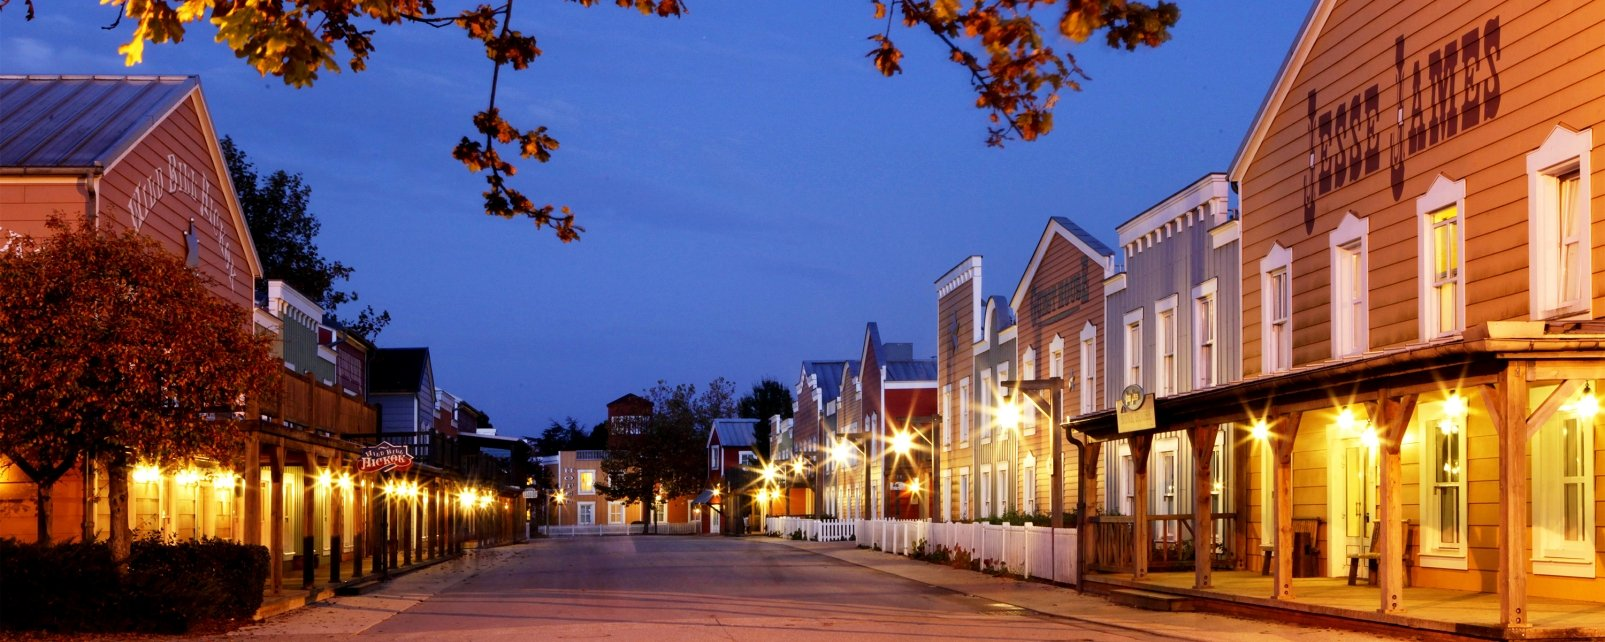 Hotel Disney's Hotel Cheyenne